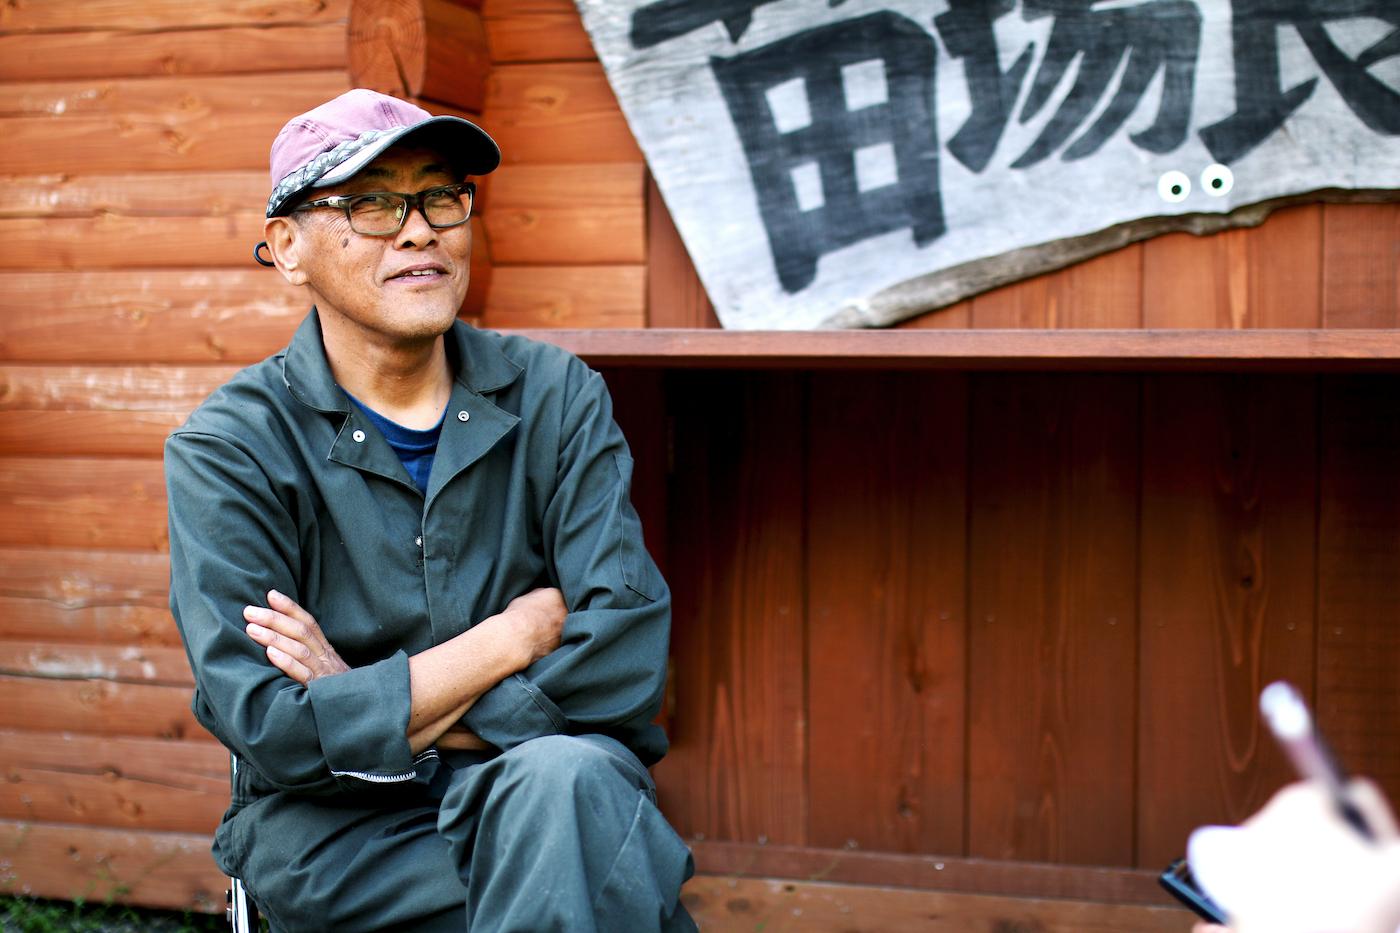 フジロック 苗場20th特別インタビュー「フジロックと苗場を繋ぐ人」梅沢英夫さん編